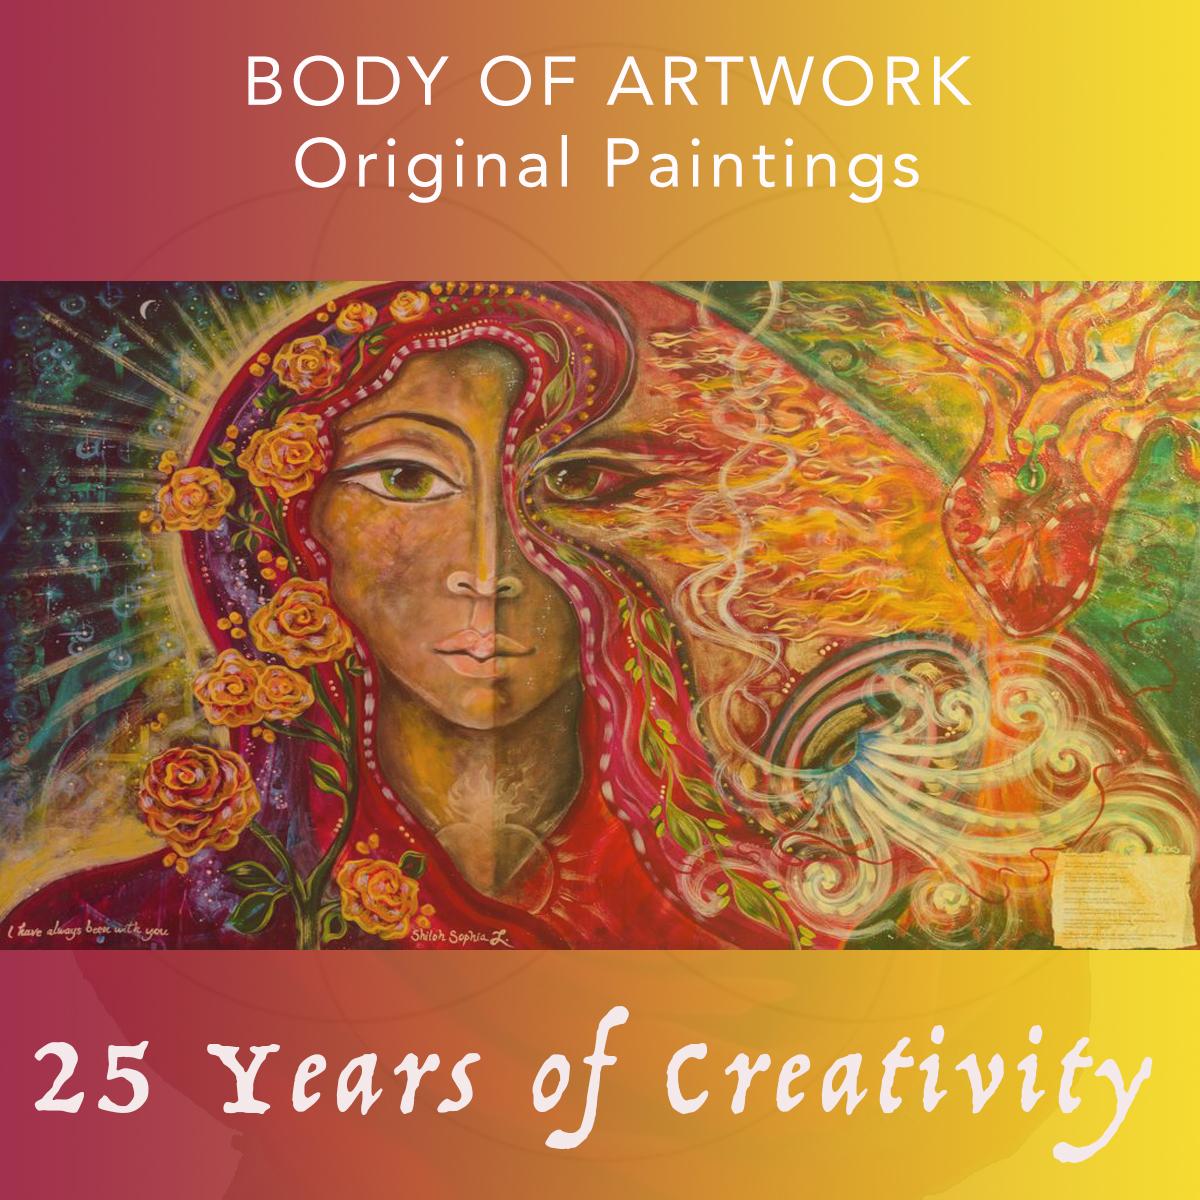 Online Gallery www.shilohsophiagallery.com